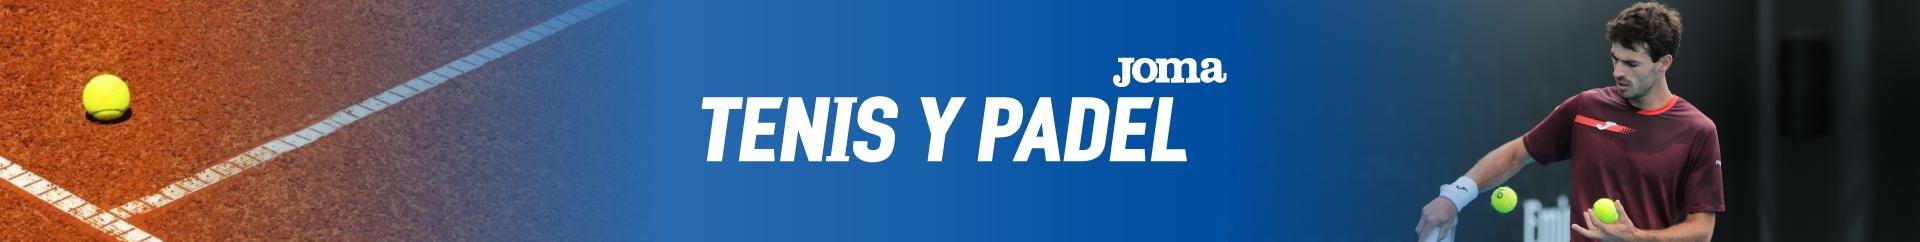 Joma Argentina Tenis y padel